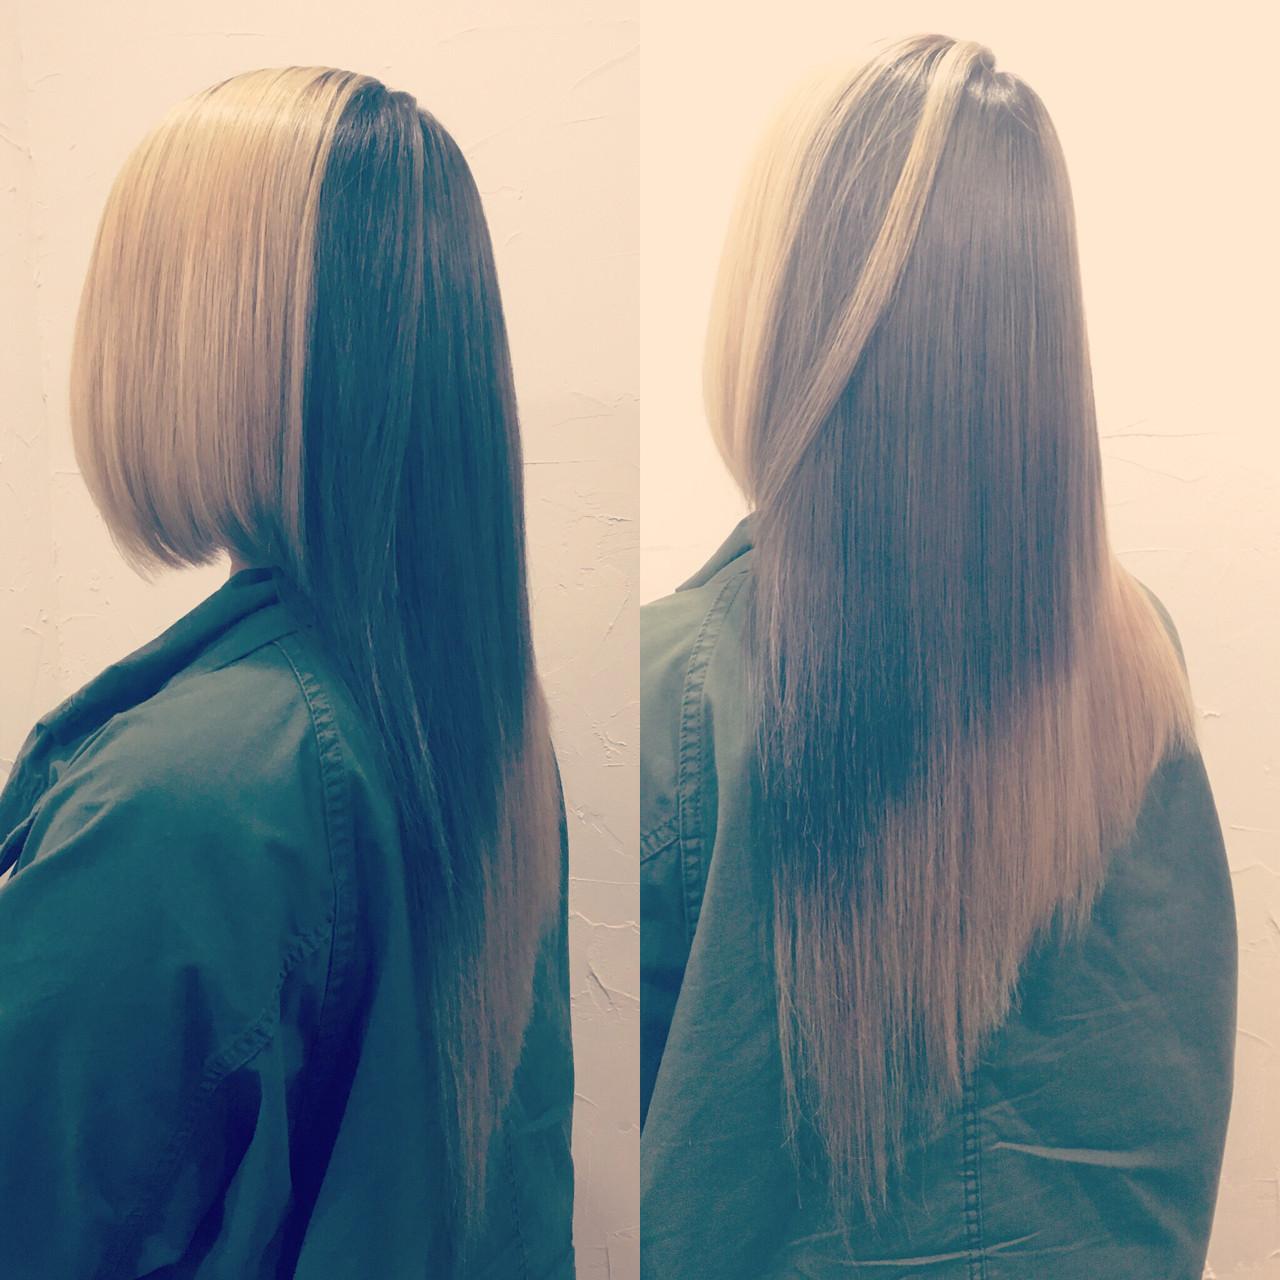 ロング ストリート ダブルカラー アシメバング ヘアスタイルや髪型の写真・画像